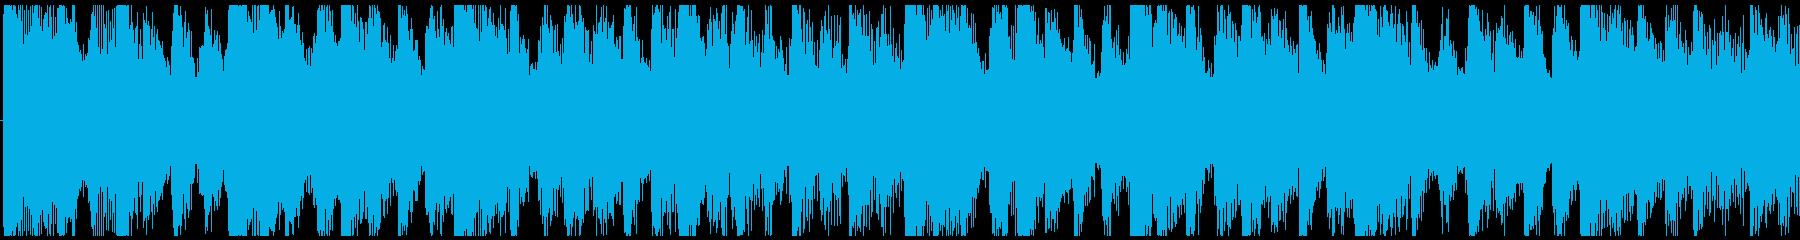 気分が上がるクリスマスBGM-ループ2の再生済みの波形